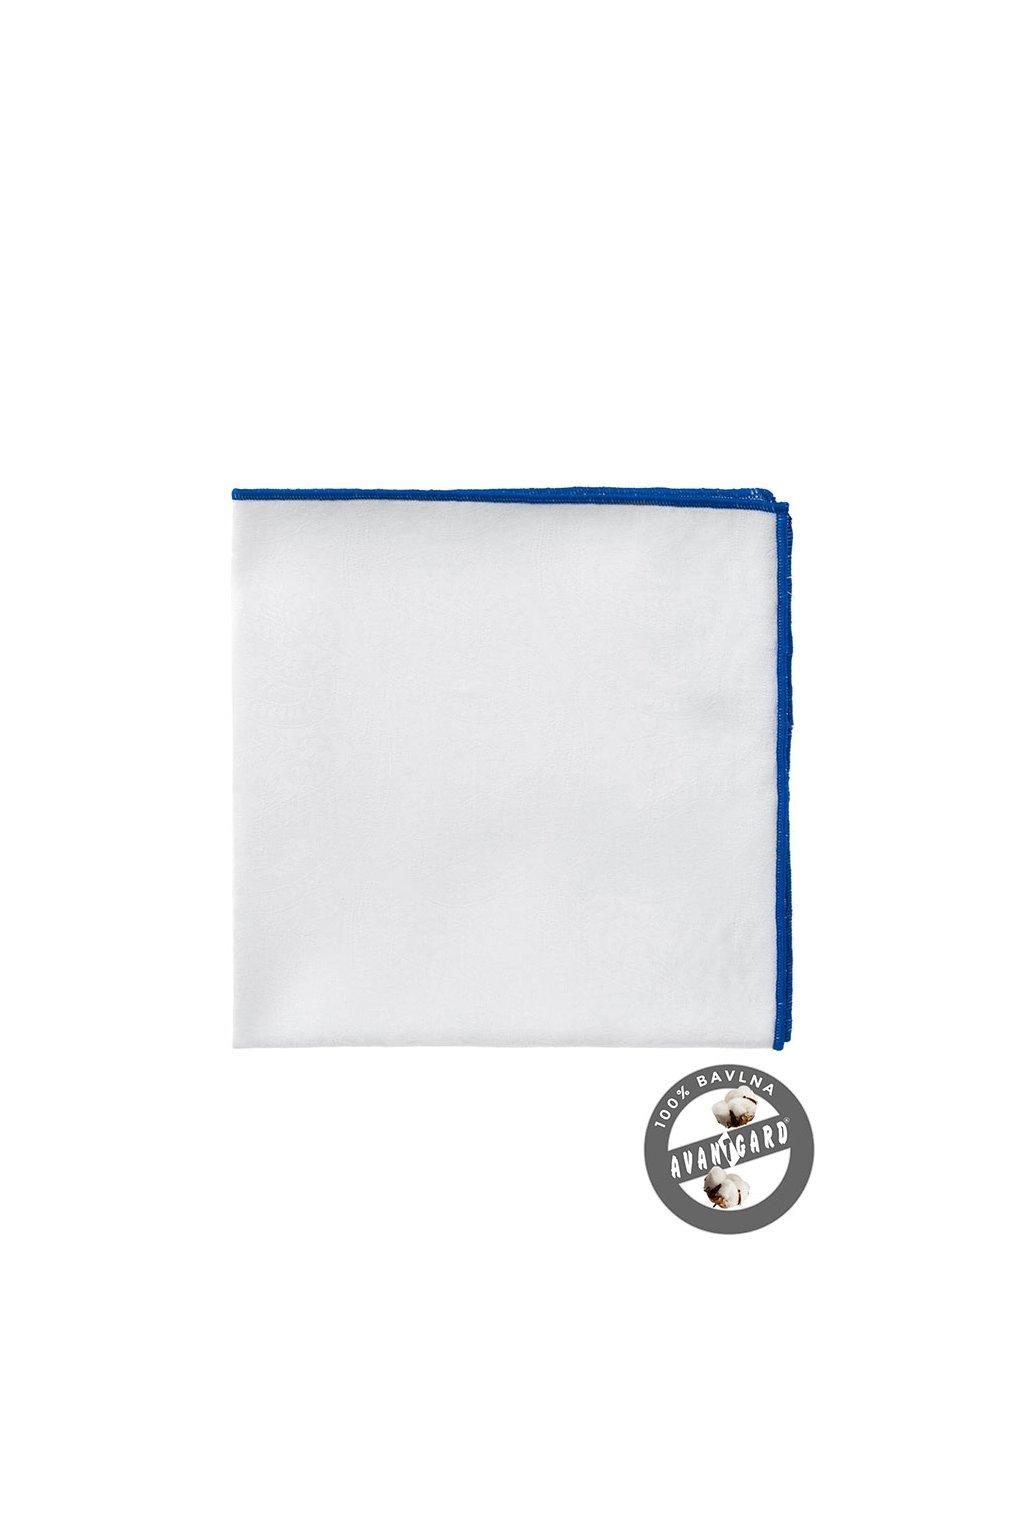 Kapesníček do saka LUX bílá/modrá 583 - 5184